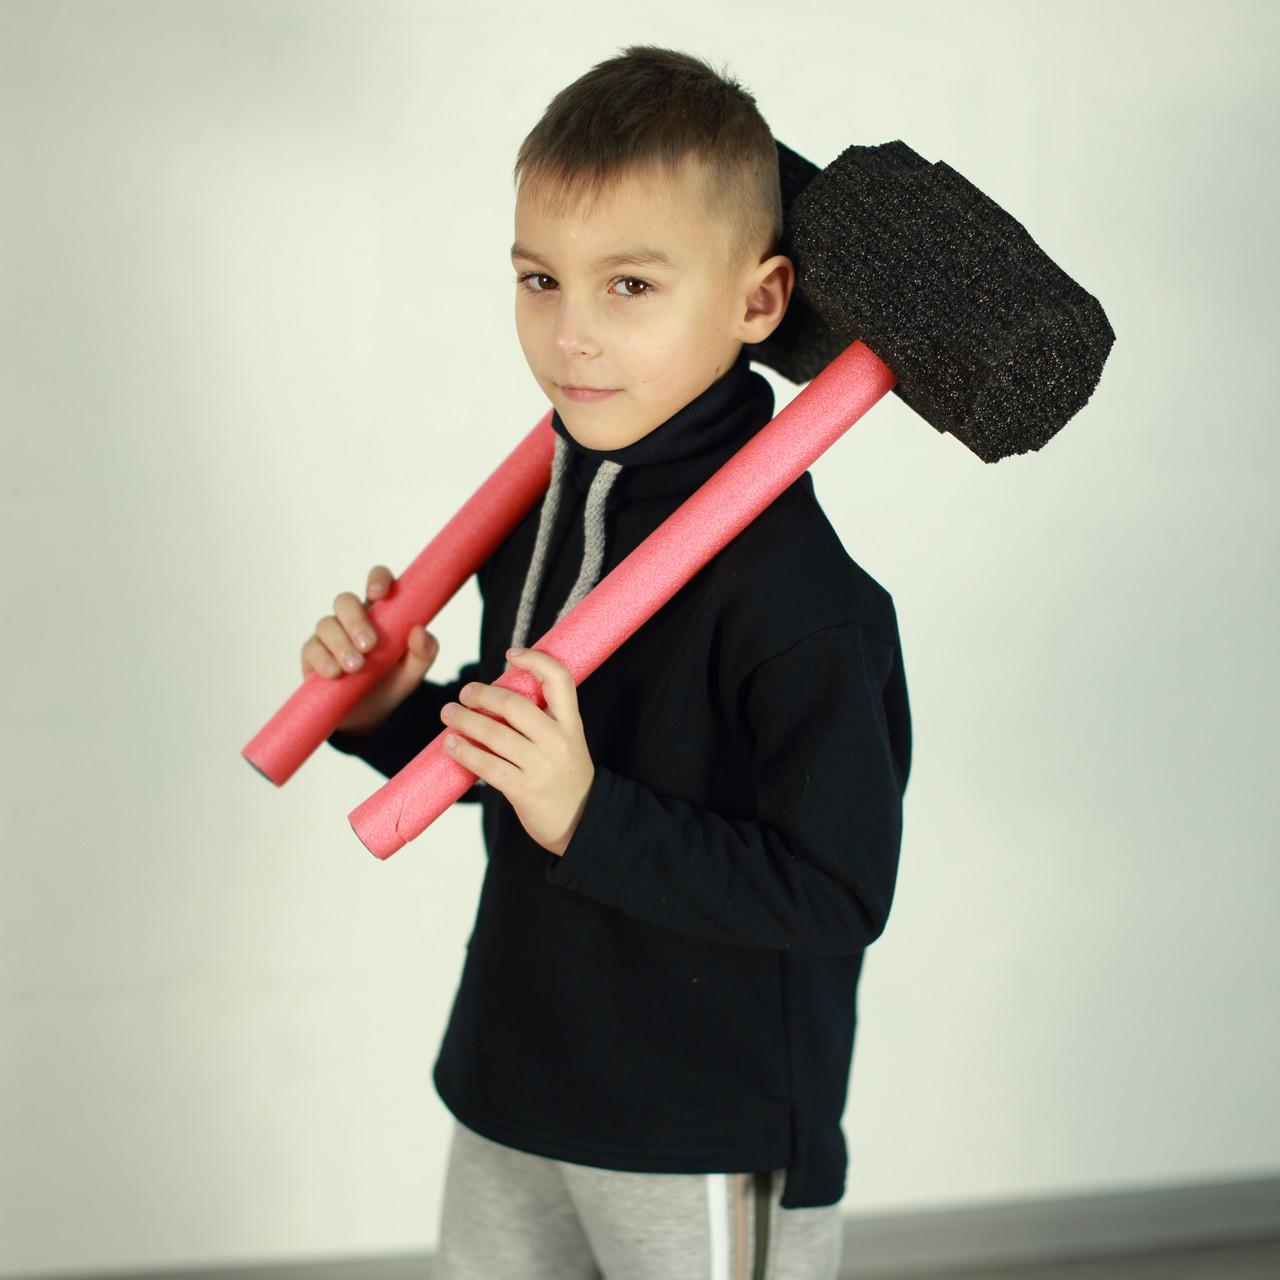 Толстовка с канатом для мальчика. Теплый детский джемпер | Толстовка з канатом для хлопчика